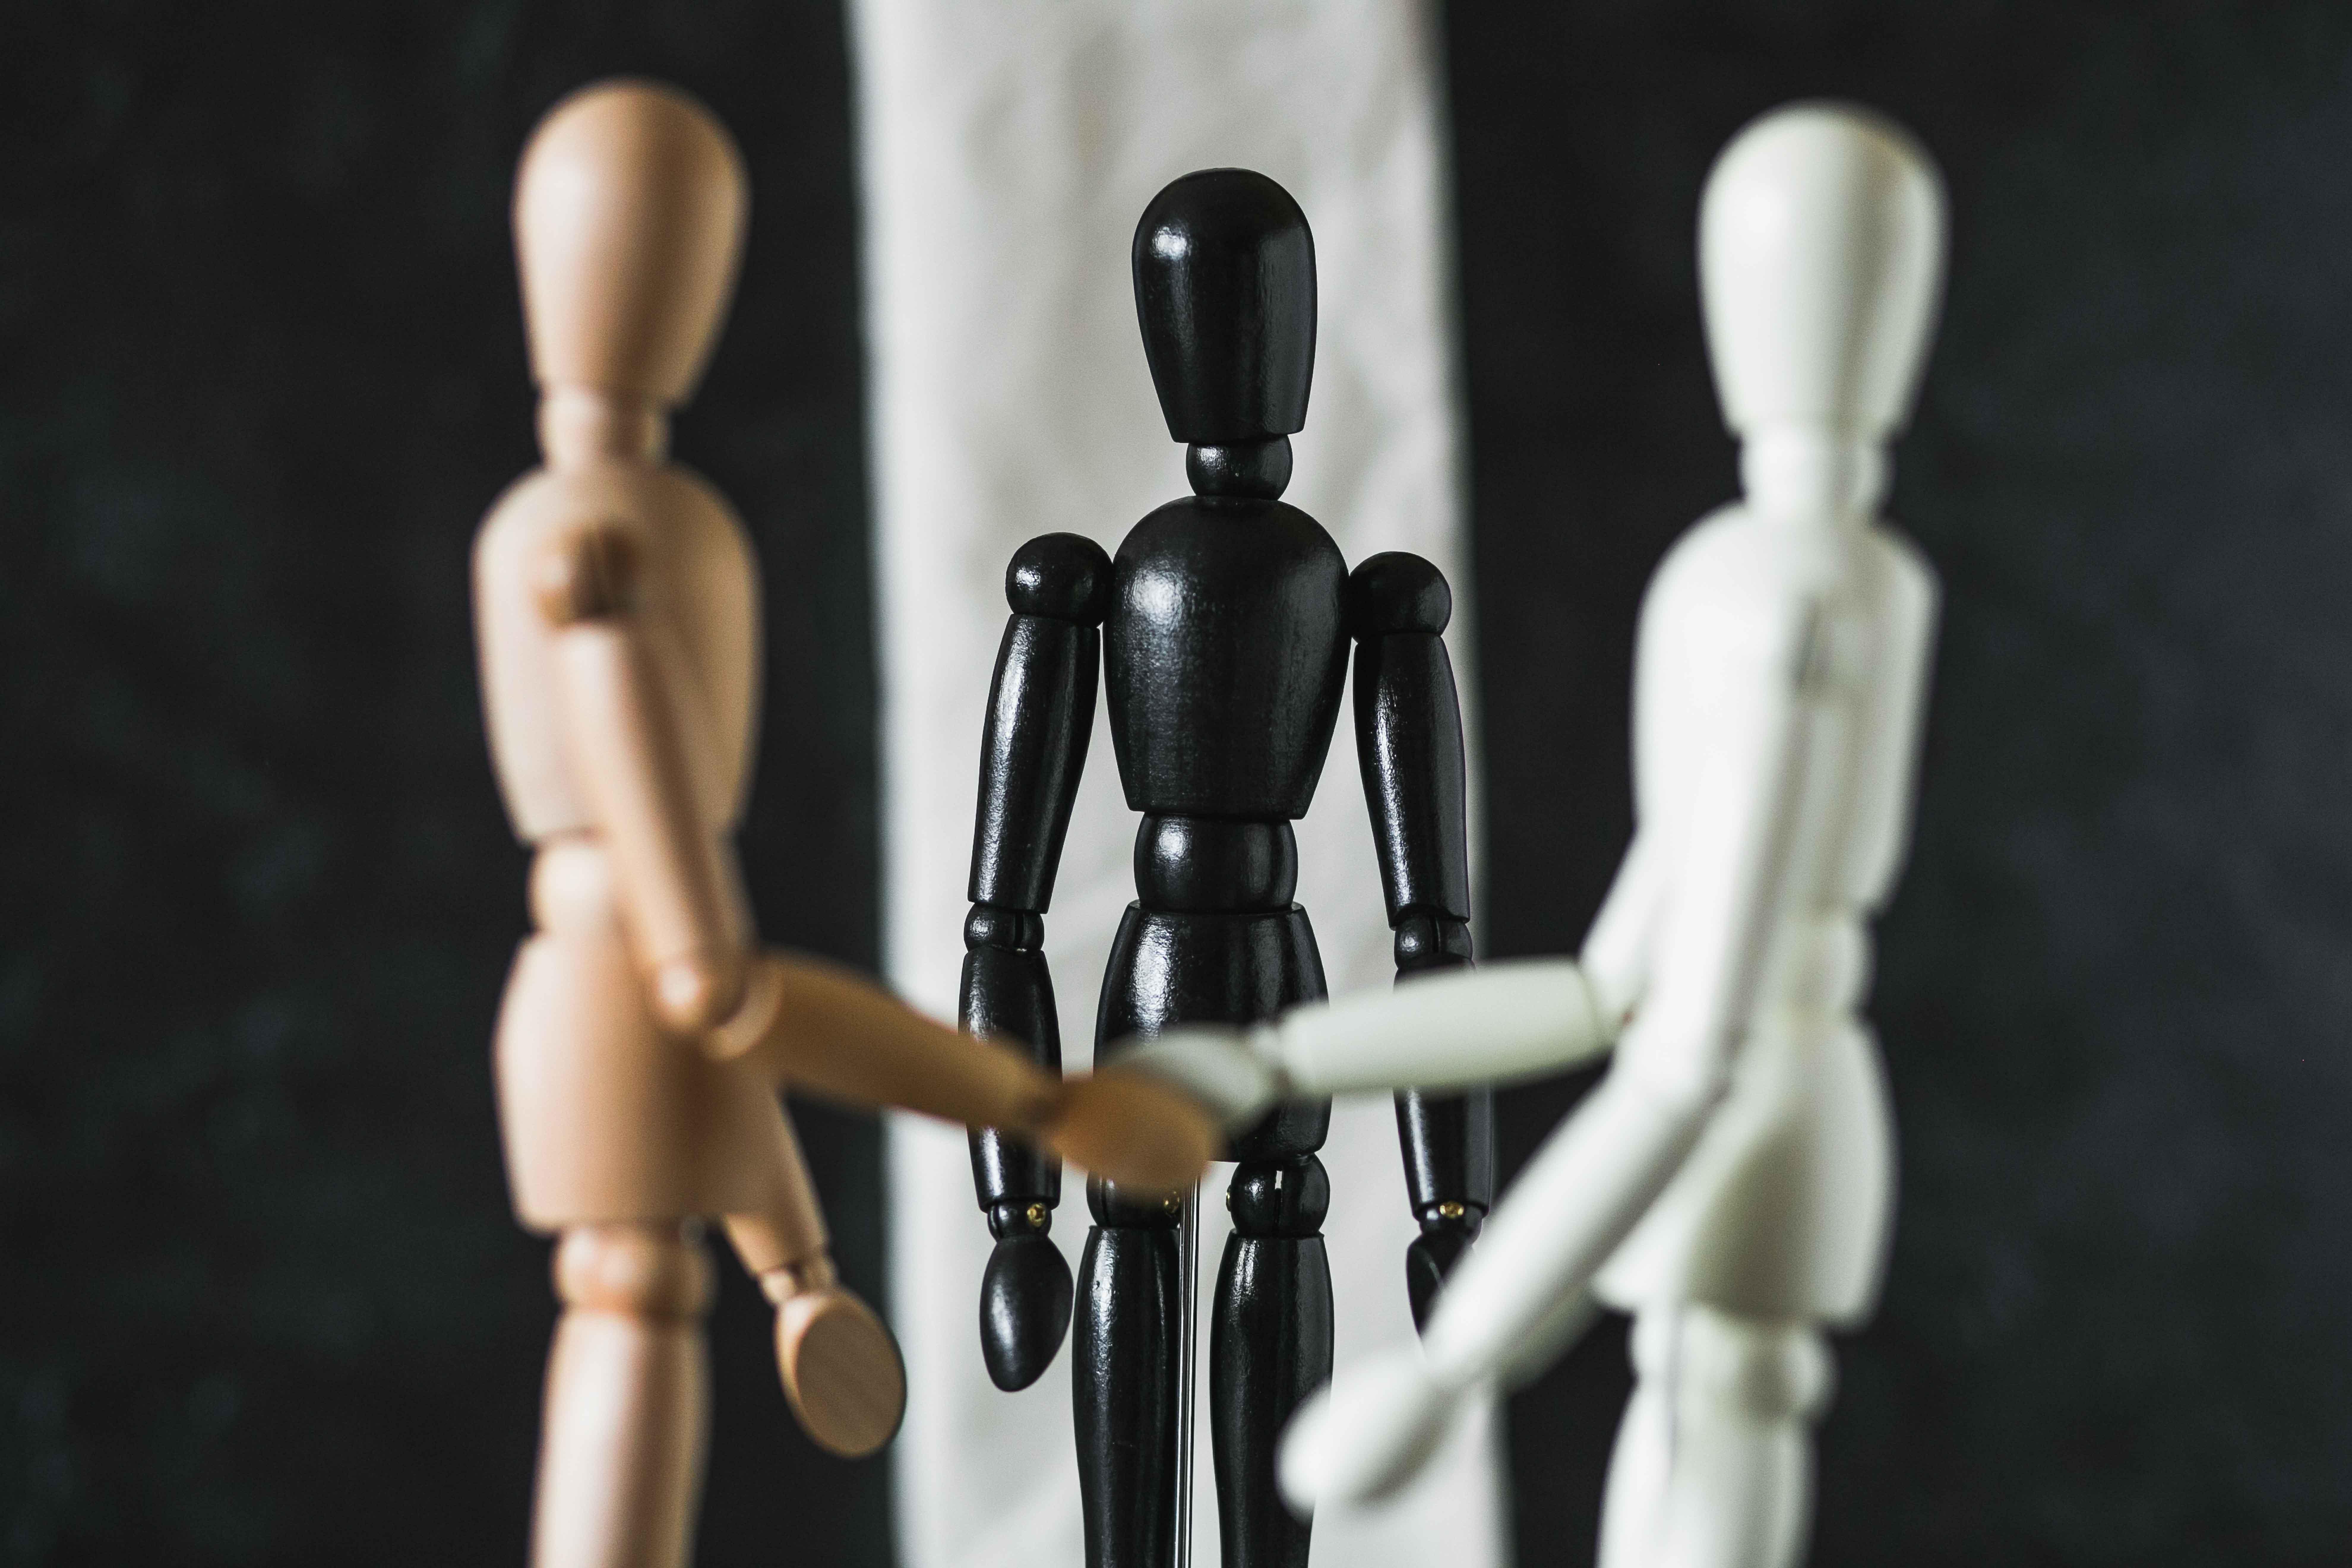 Figuras de madera de colores diferentes dándose la mano